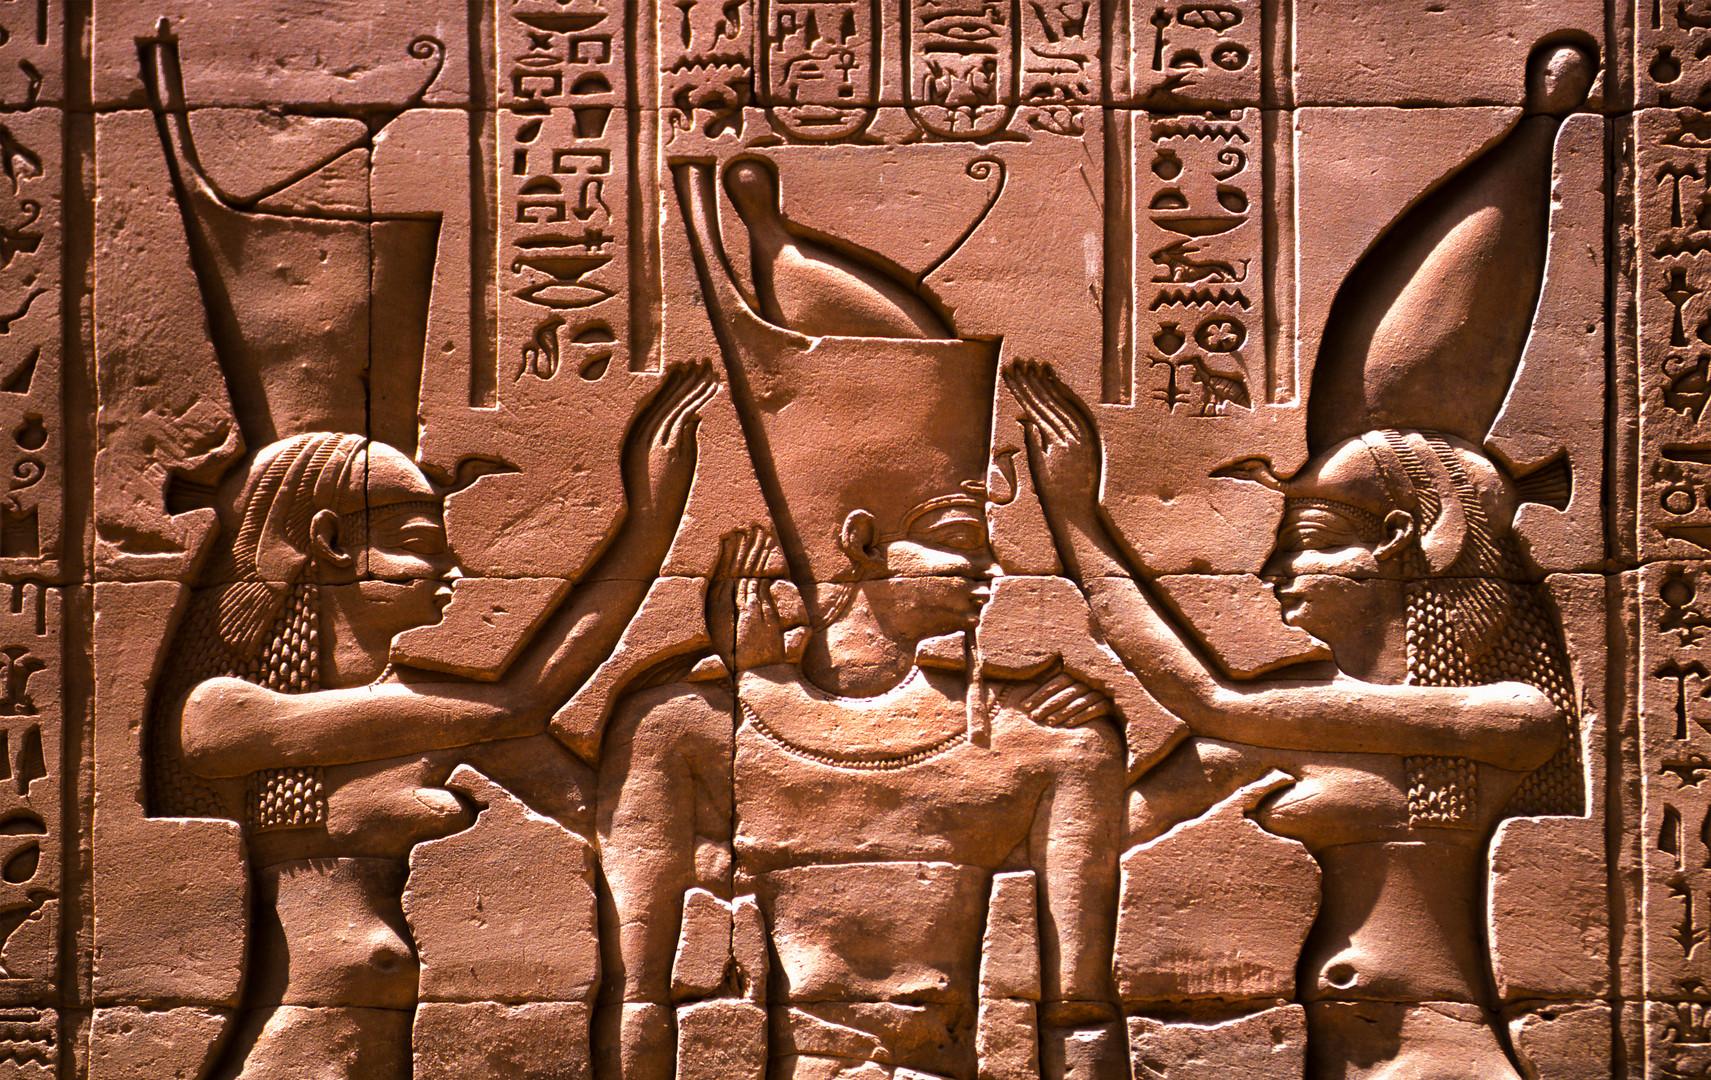 Pharao im Edfu-Tempel in Ägypten